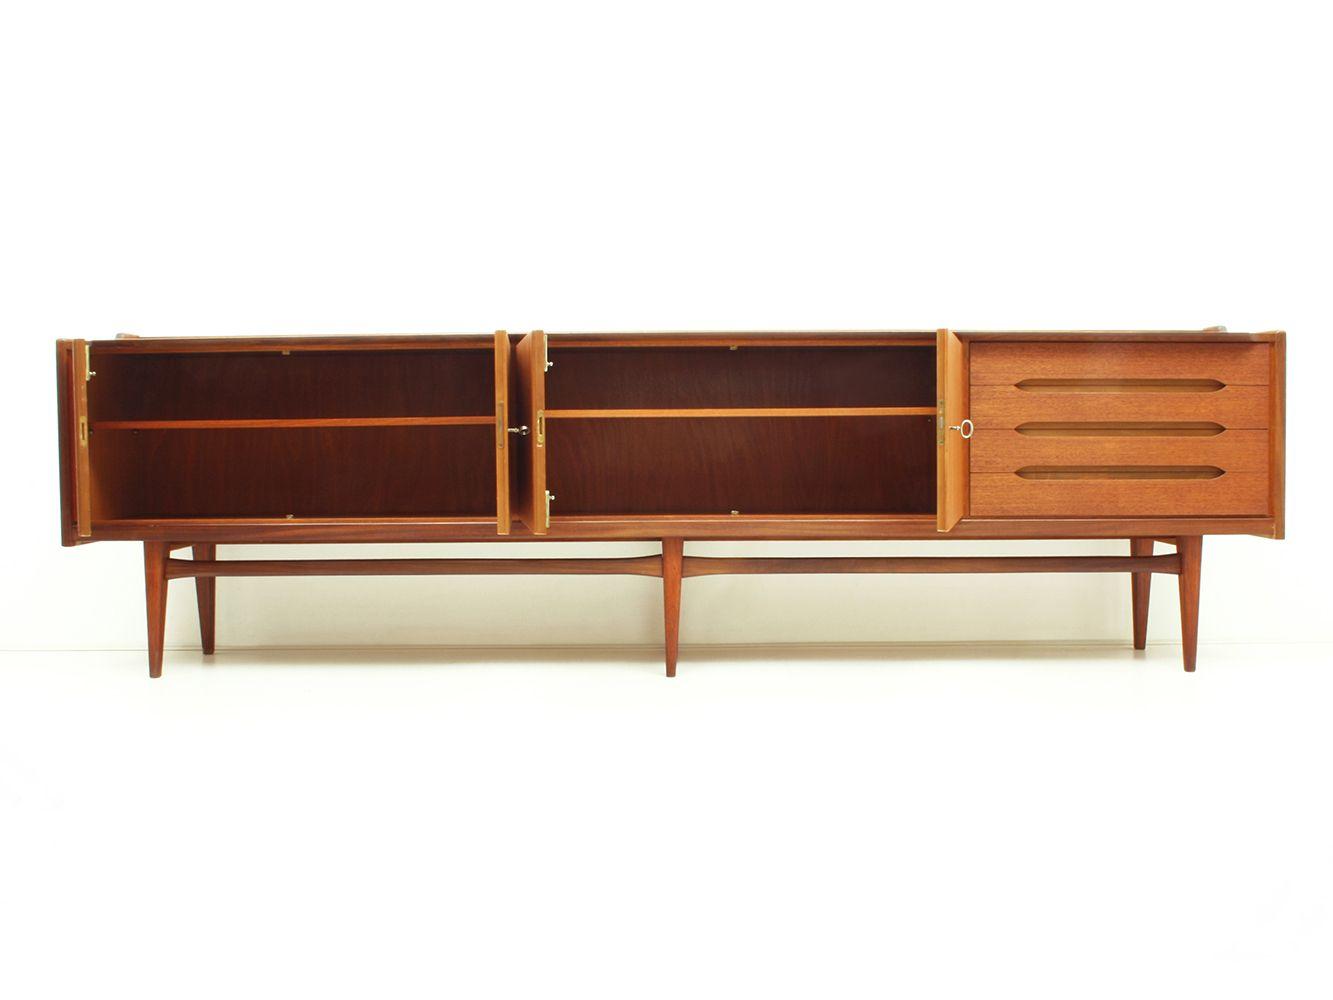 gro es deutsches teak sideboard von bartels 1960er bei pamono kaufen. Black Bedroom Furniture Sets. Home Design Ideas